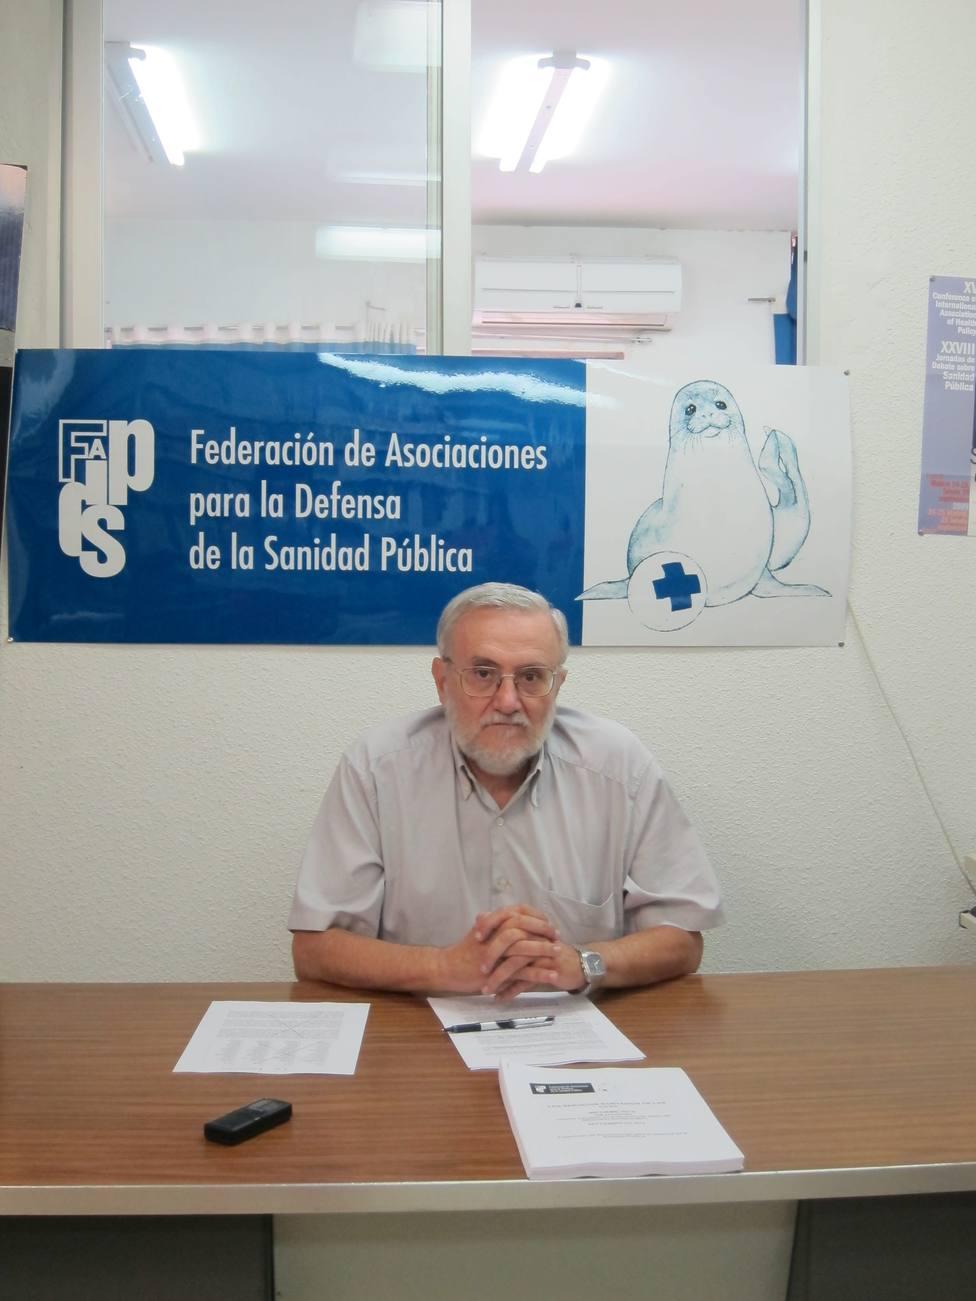 Defensa de la Sanidad Pública pide sanciones inmediatas a los implicados en supuestos sobornos de Fresenius